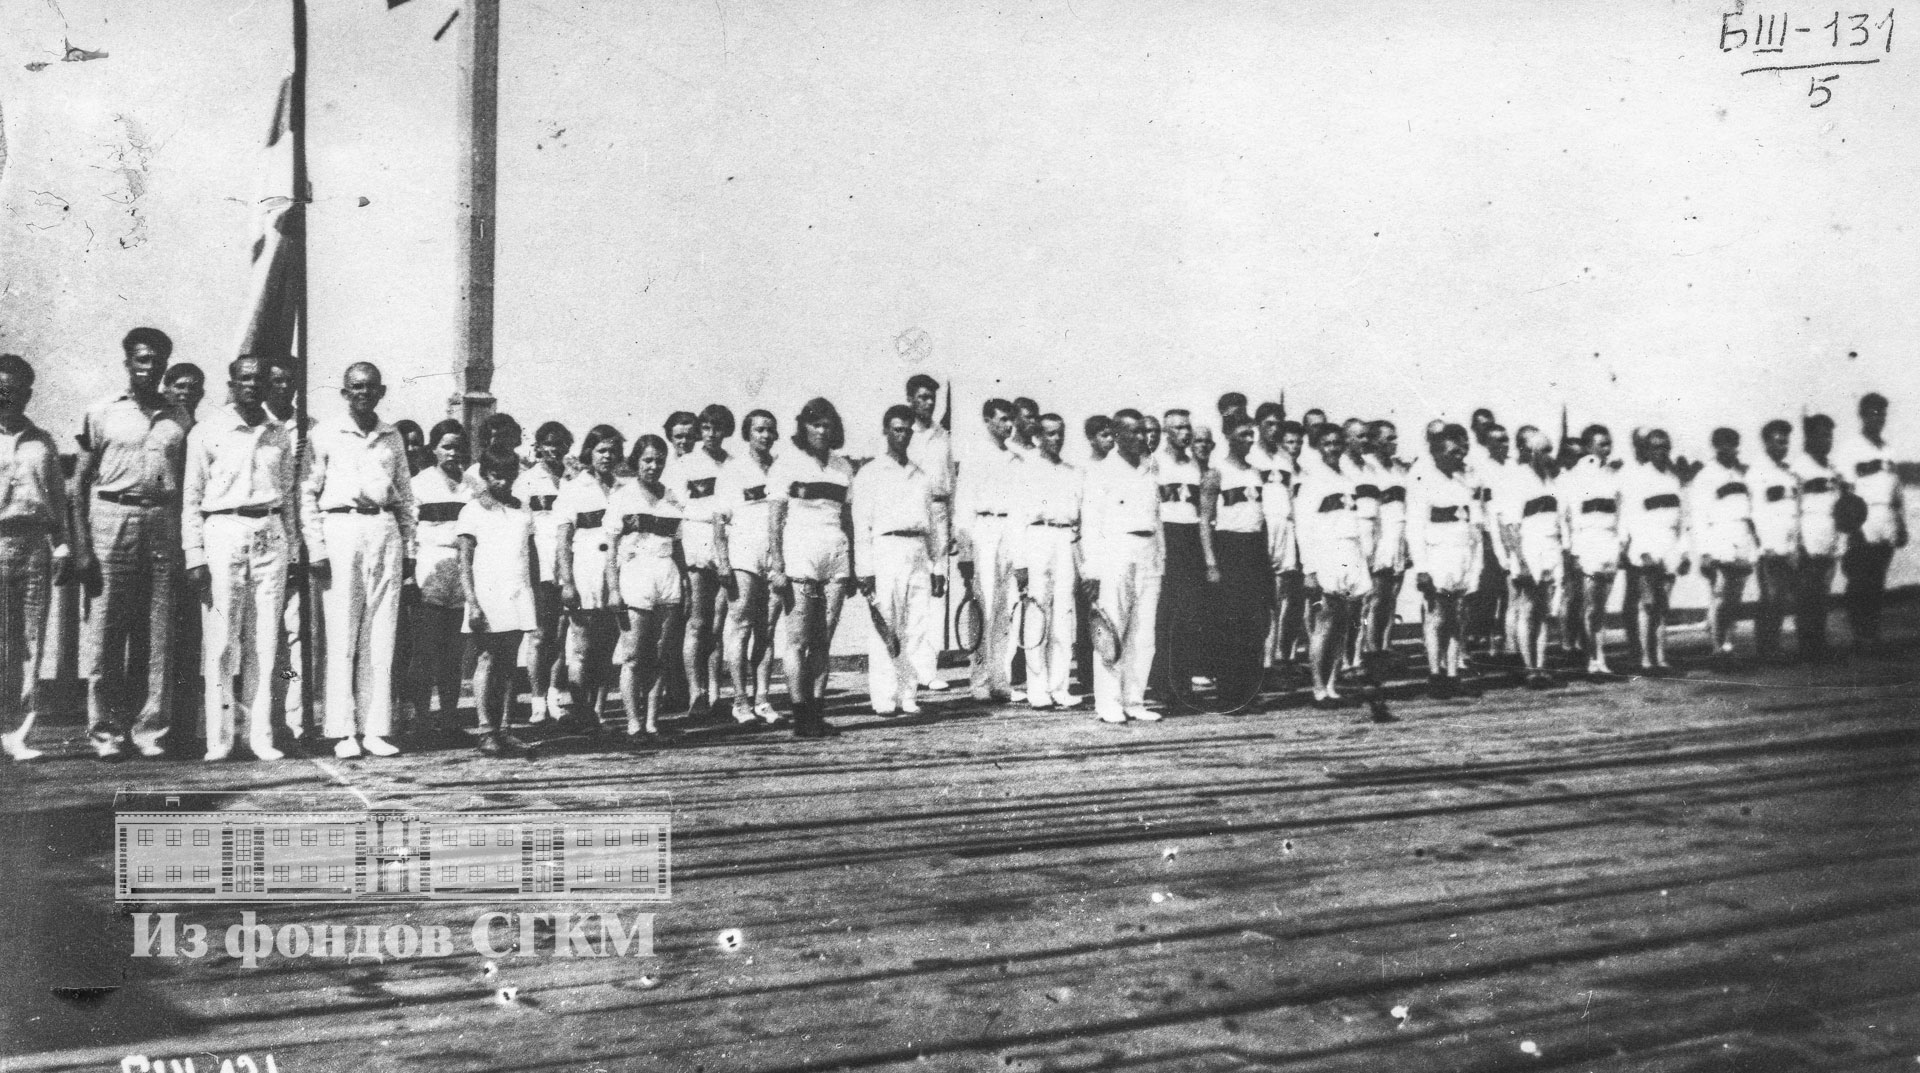 1937. Физкультурники-строители. 1 мая